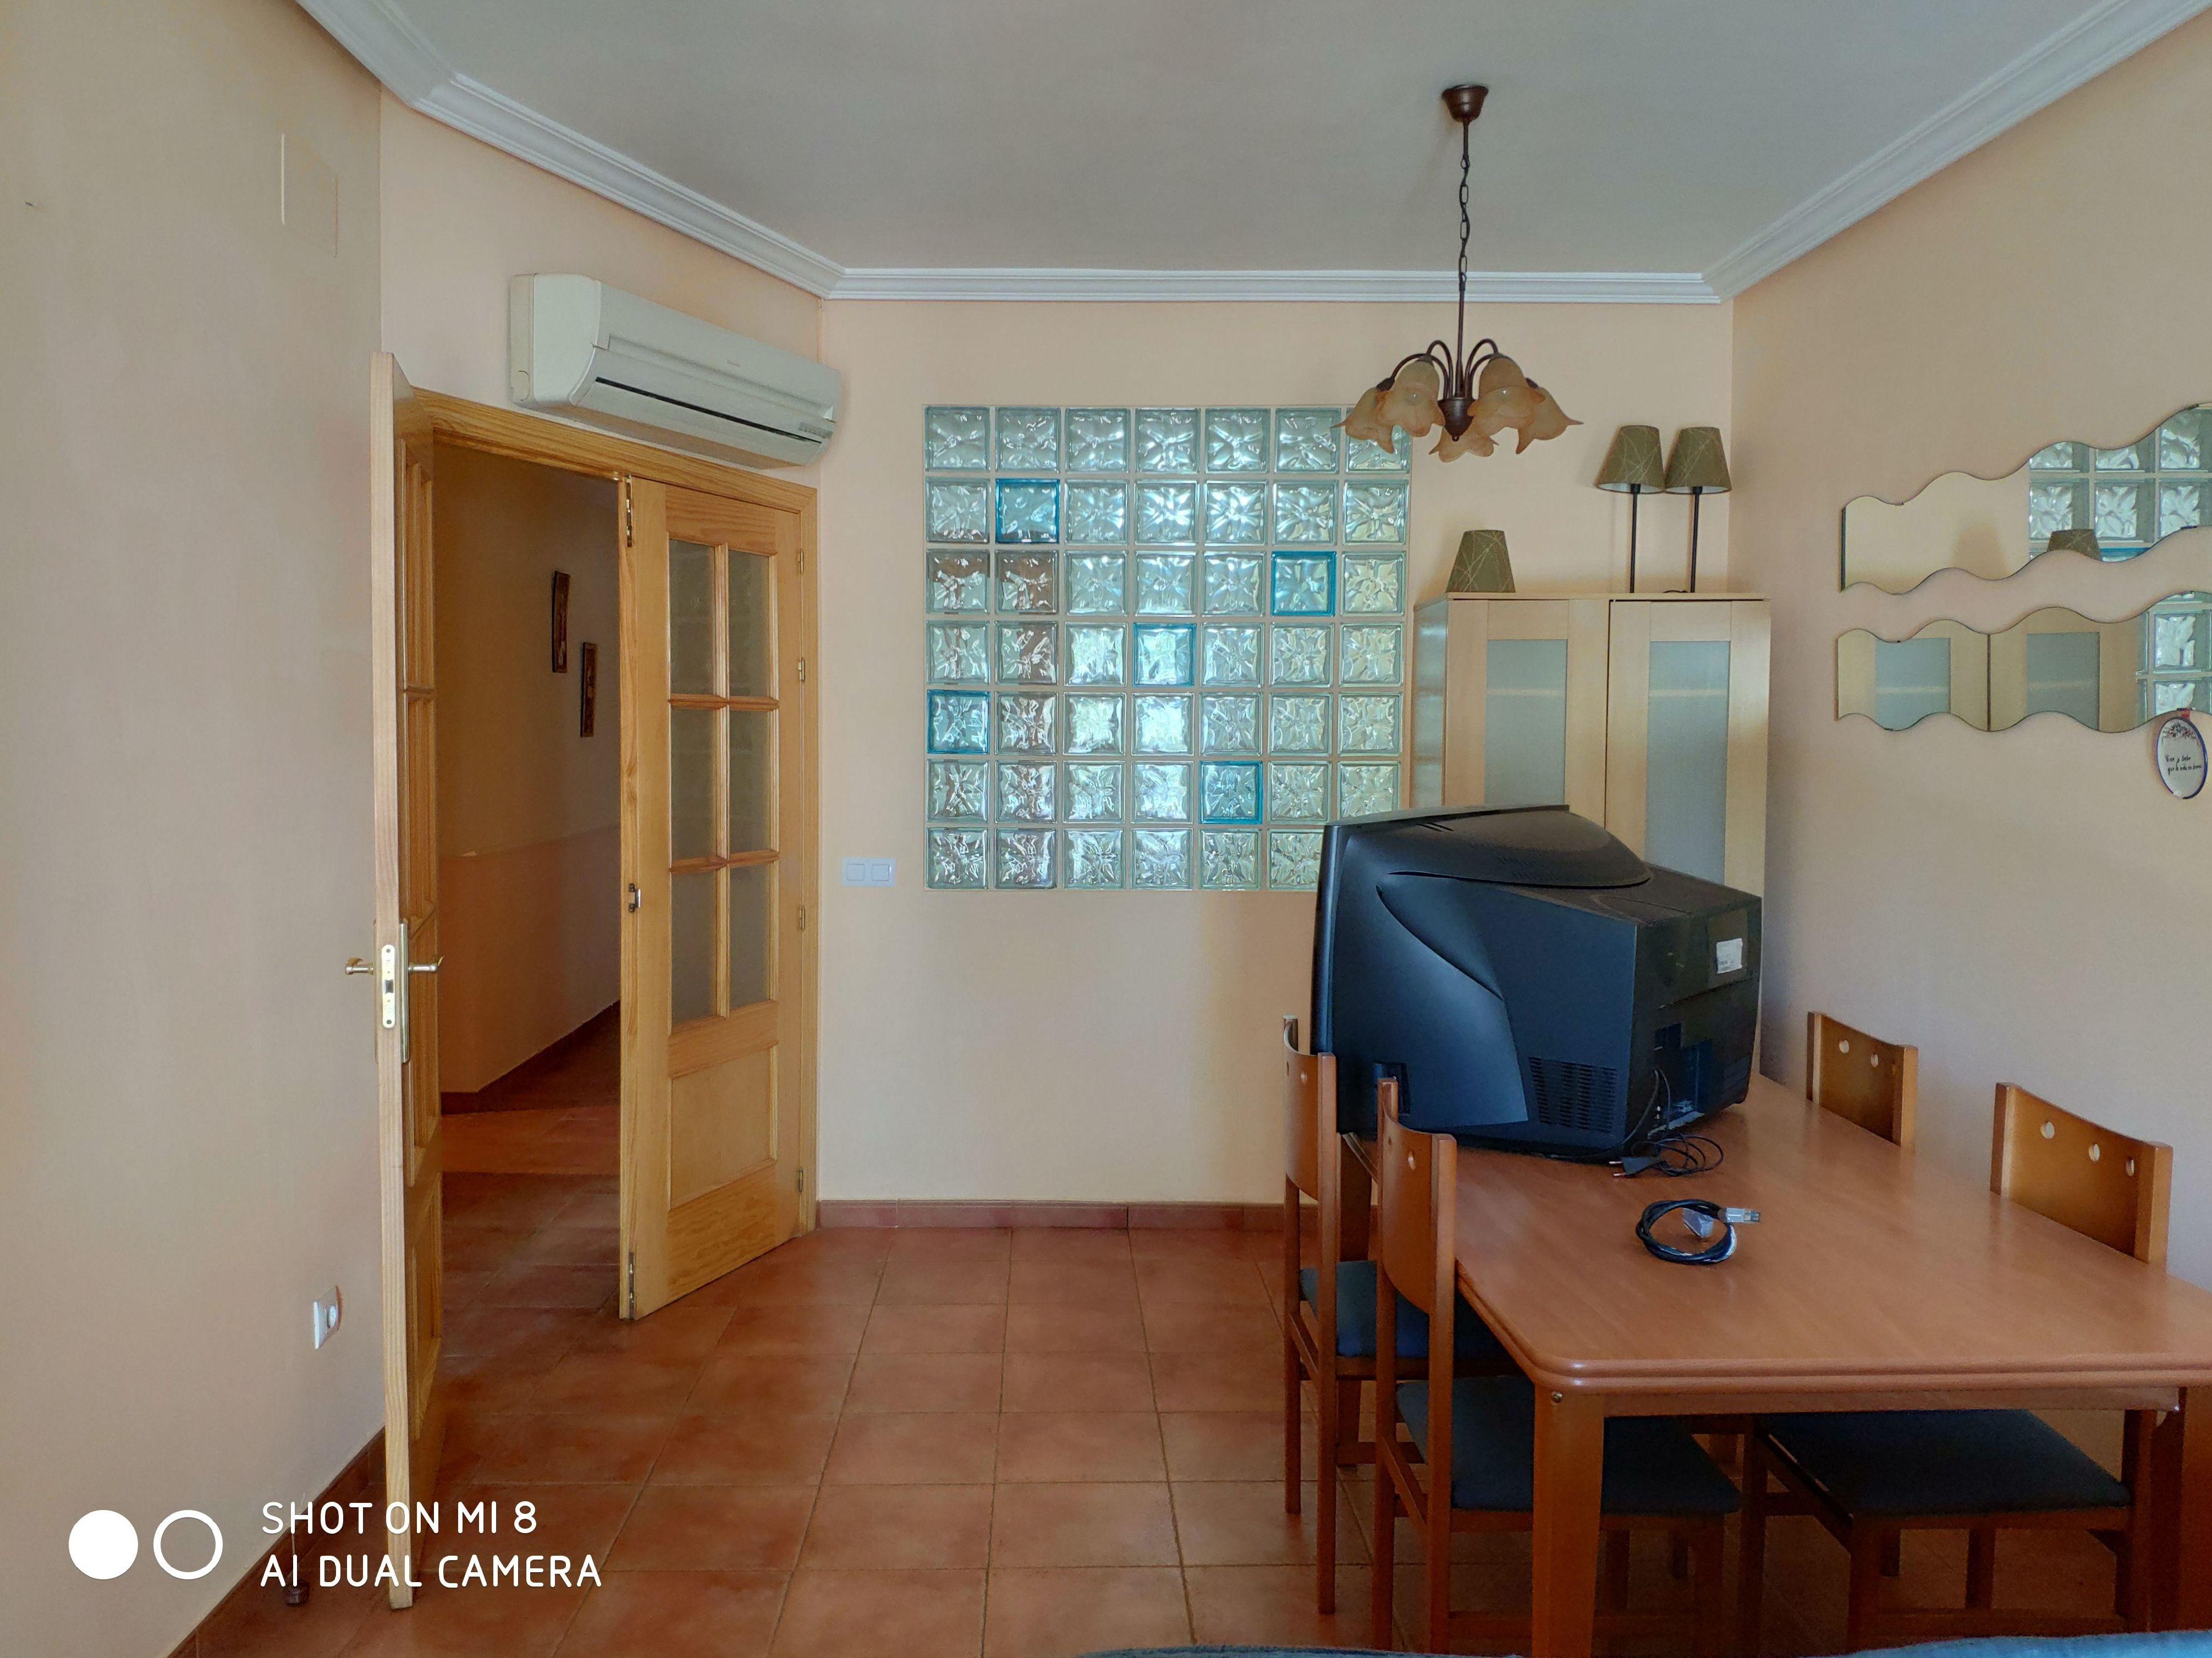 Venta de piso dos dormitorios Avda.Alcazar nuevo: Inmuebles Urbanos de ANTONIO ARAGONÉS DÍAZ PAVÓN